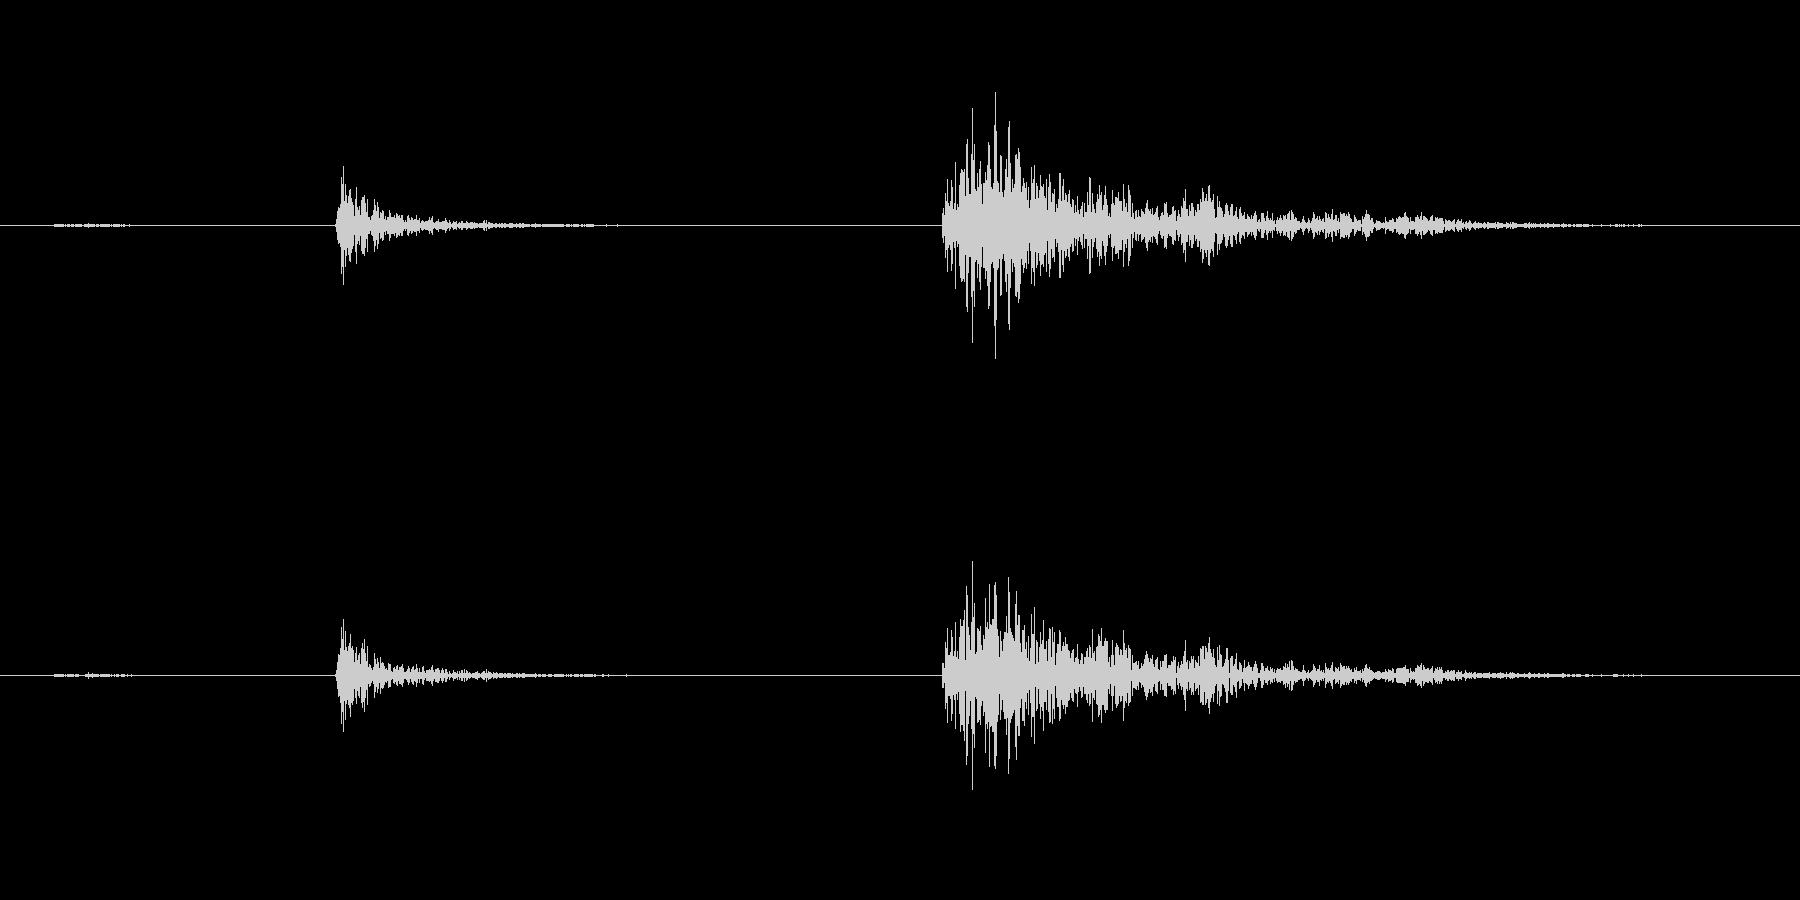 【生録音】弁当・惣菜パックの音14 カラの未再生の波形